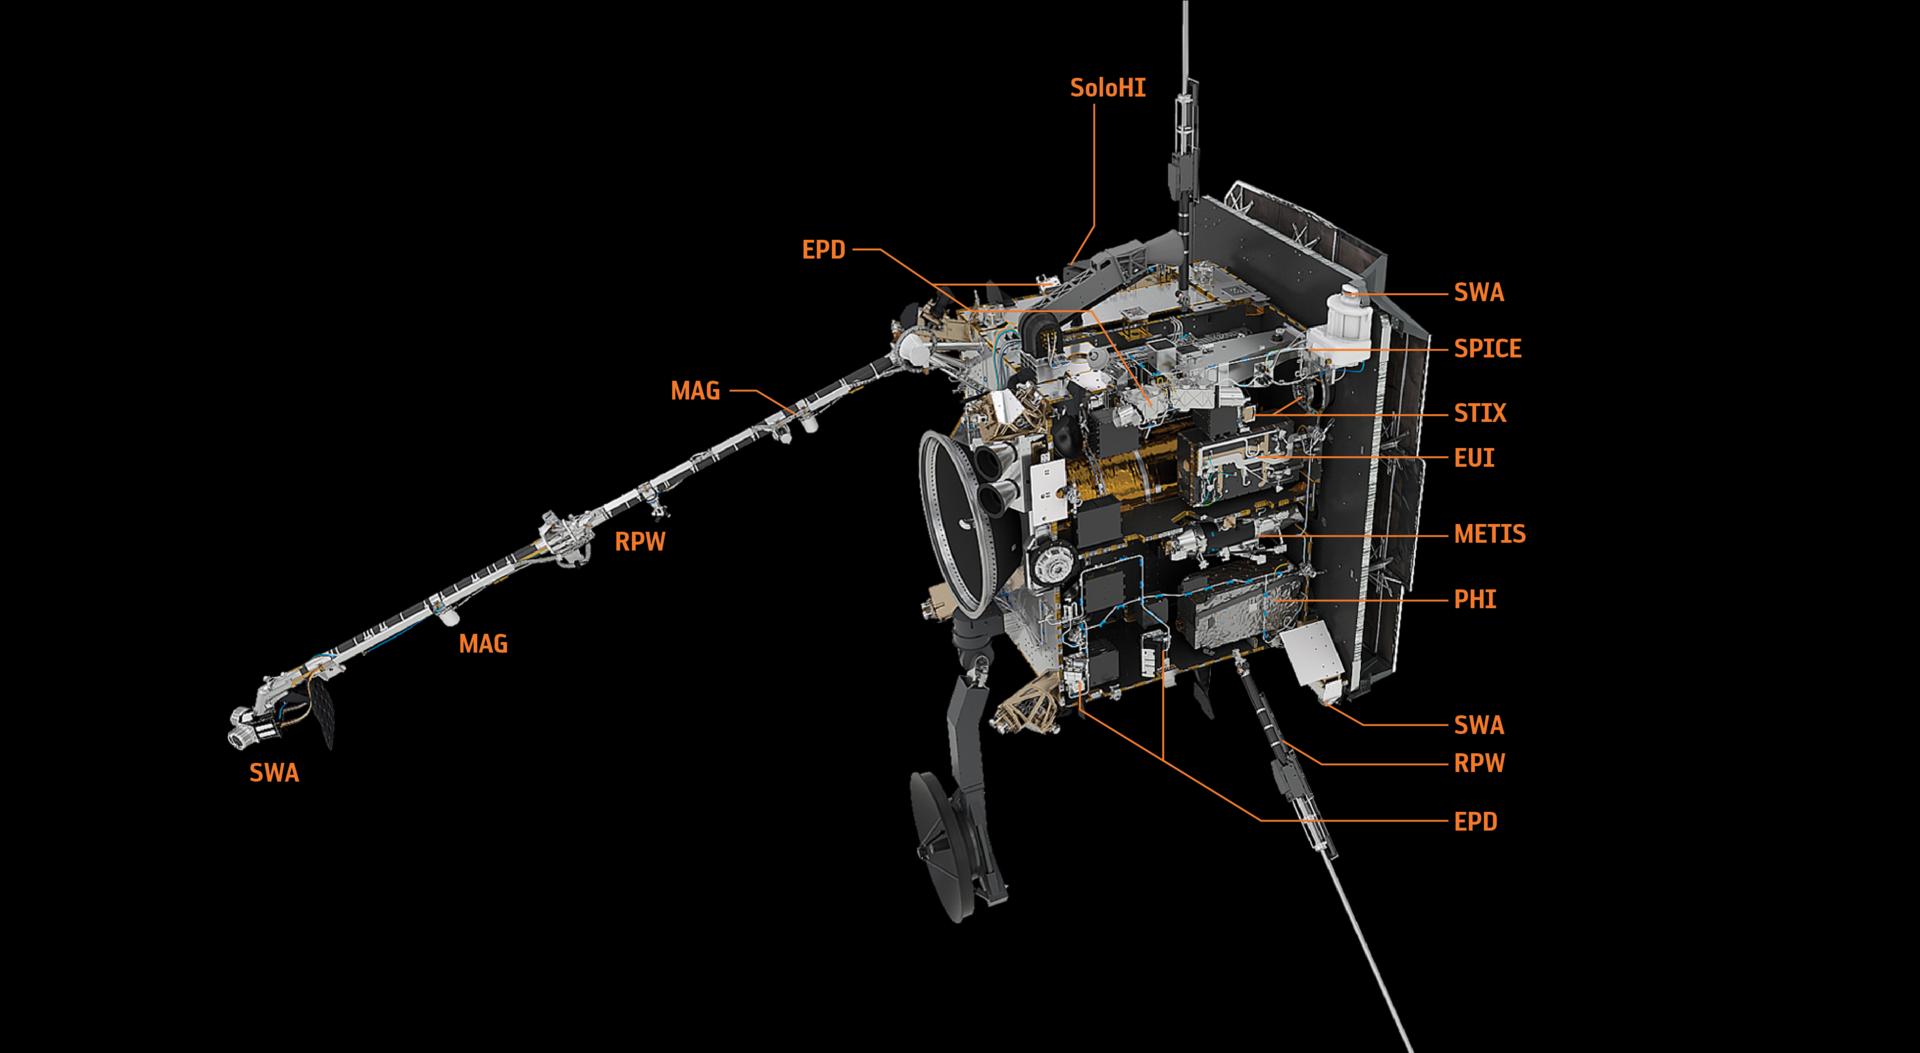 Solar_Orbiter_instruments_pillars